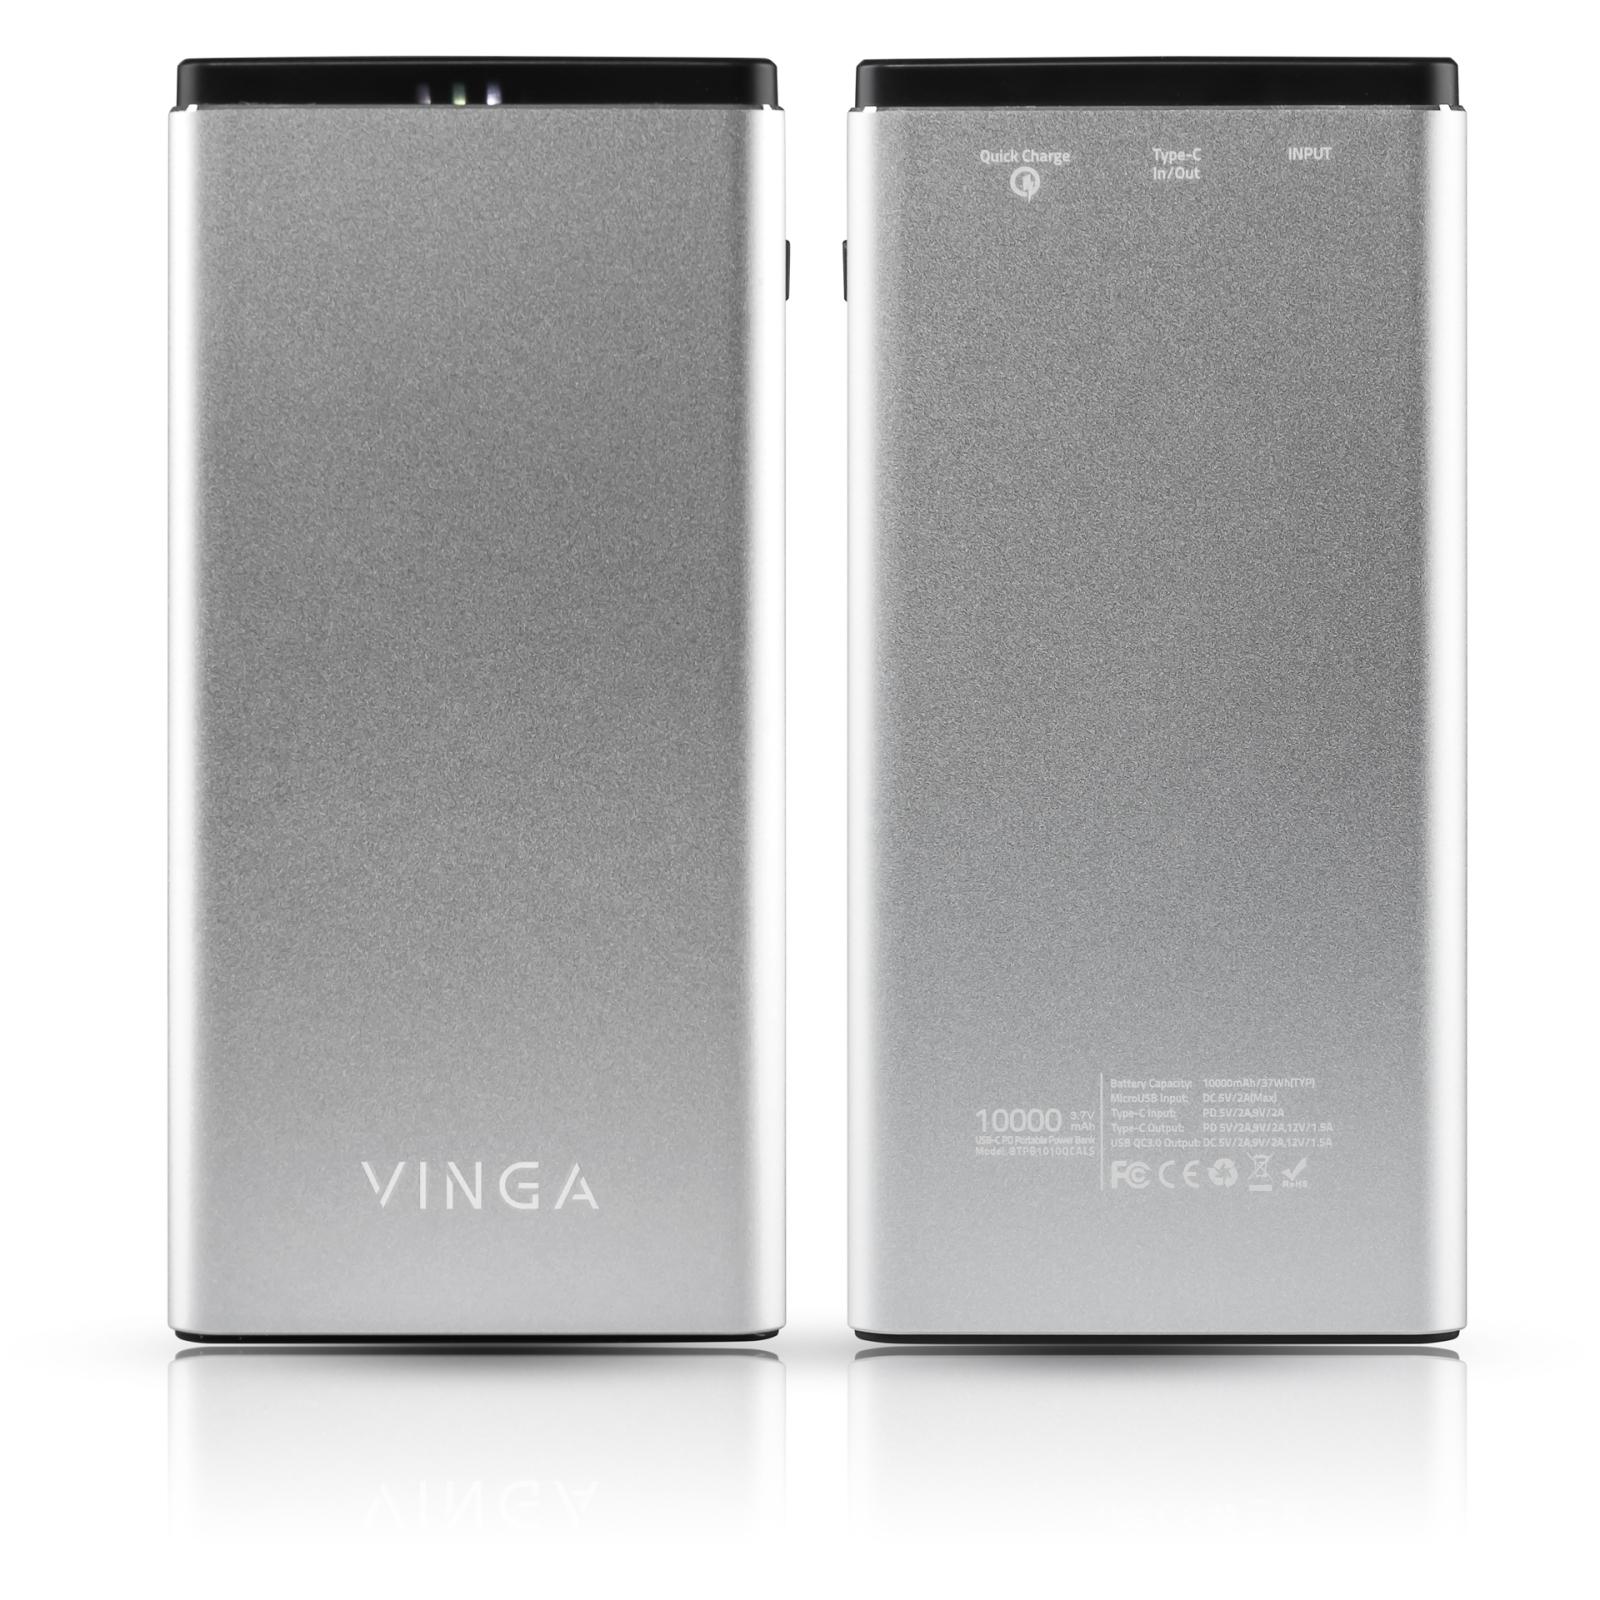 Батарея универсальная Vinga 10000 mAh QC3.0 PD aluminium silver (BTPB1010QCALS) изображение 6